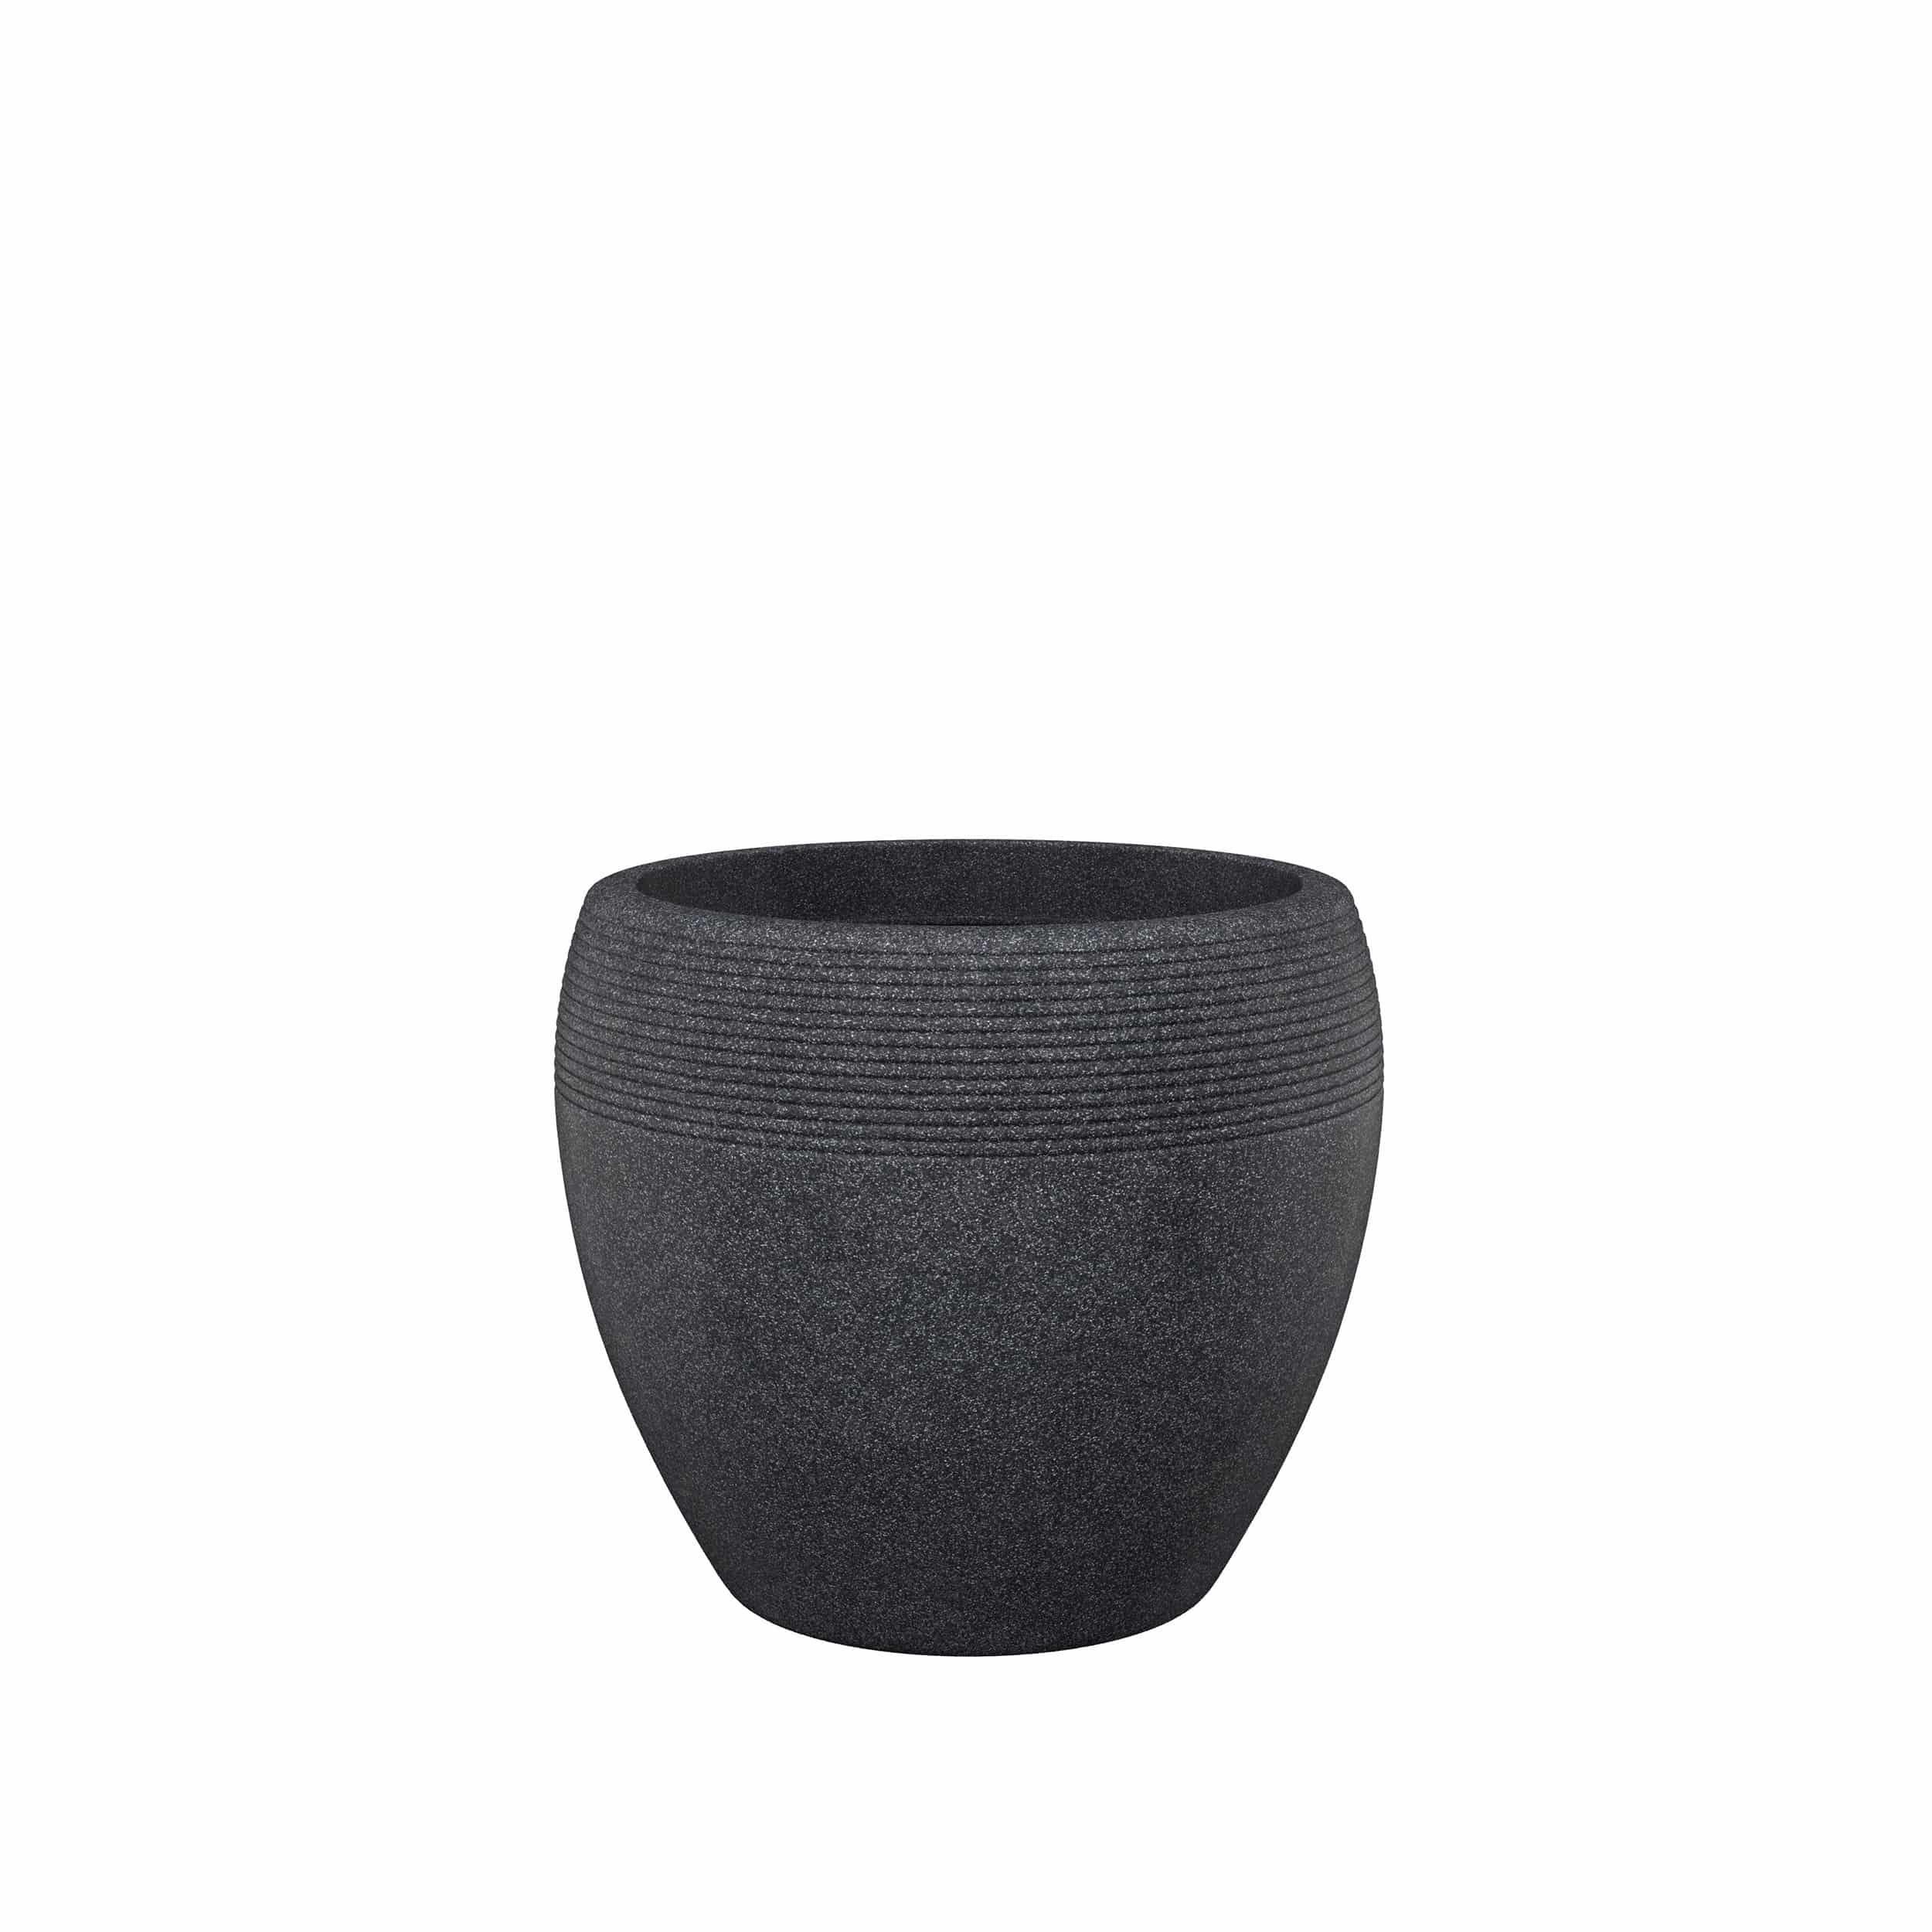 Blumenkübel Lineo D40 cm schwarz